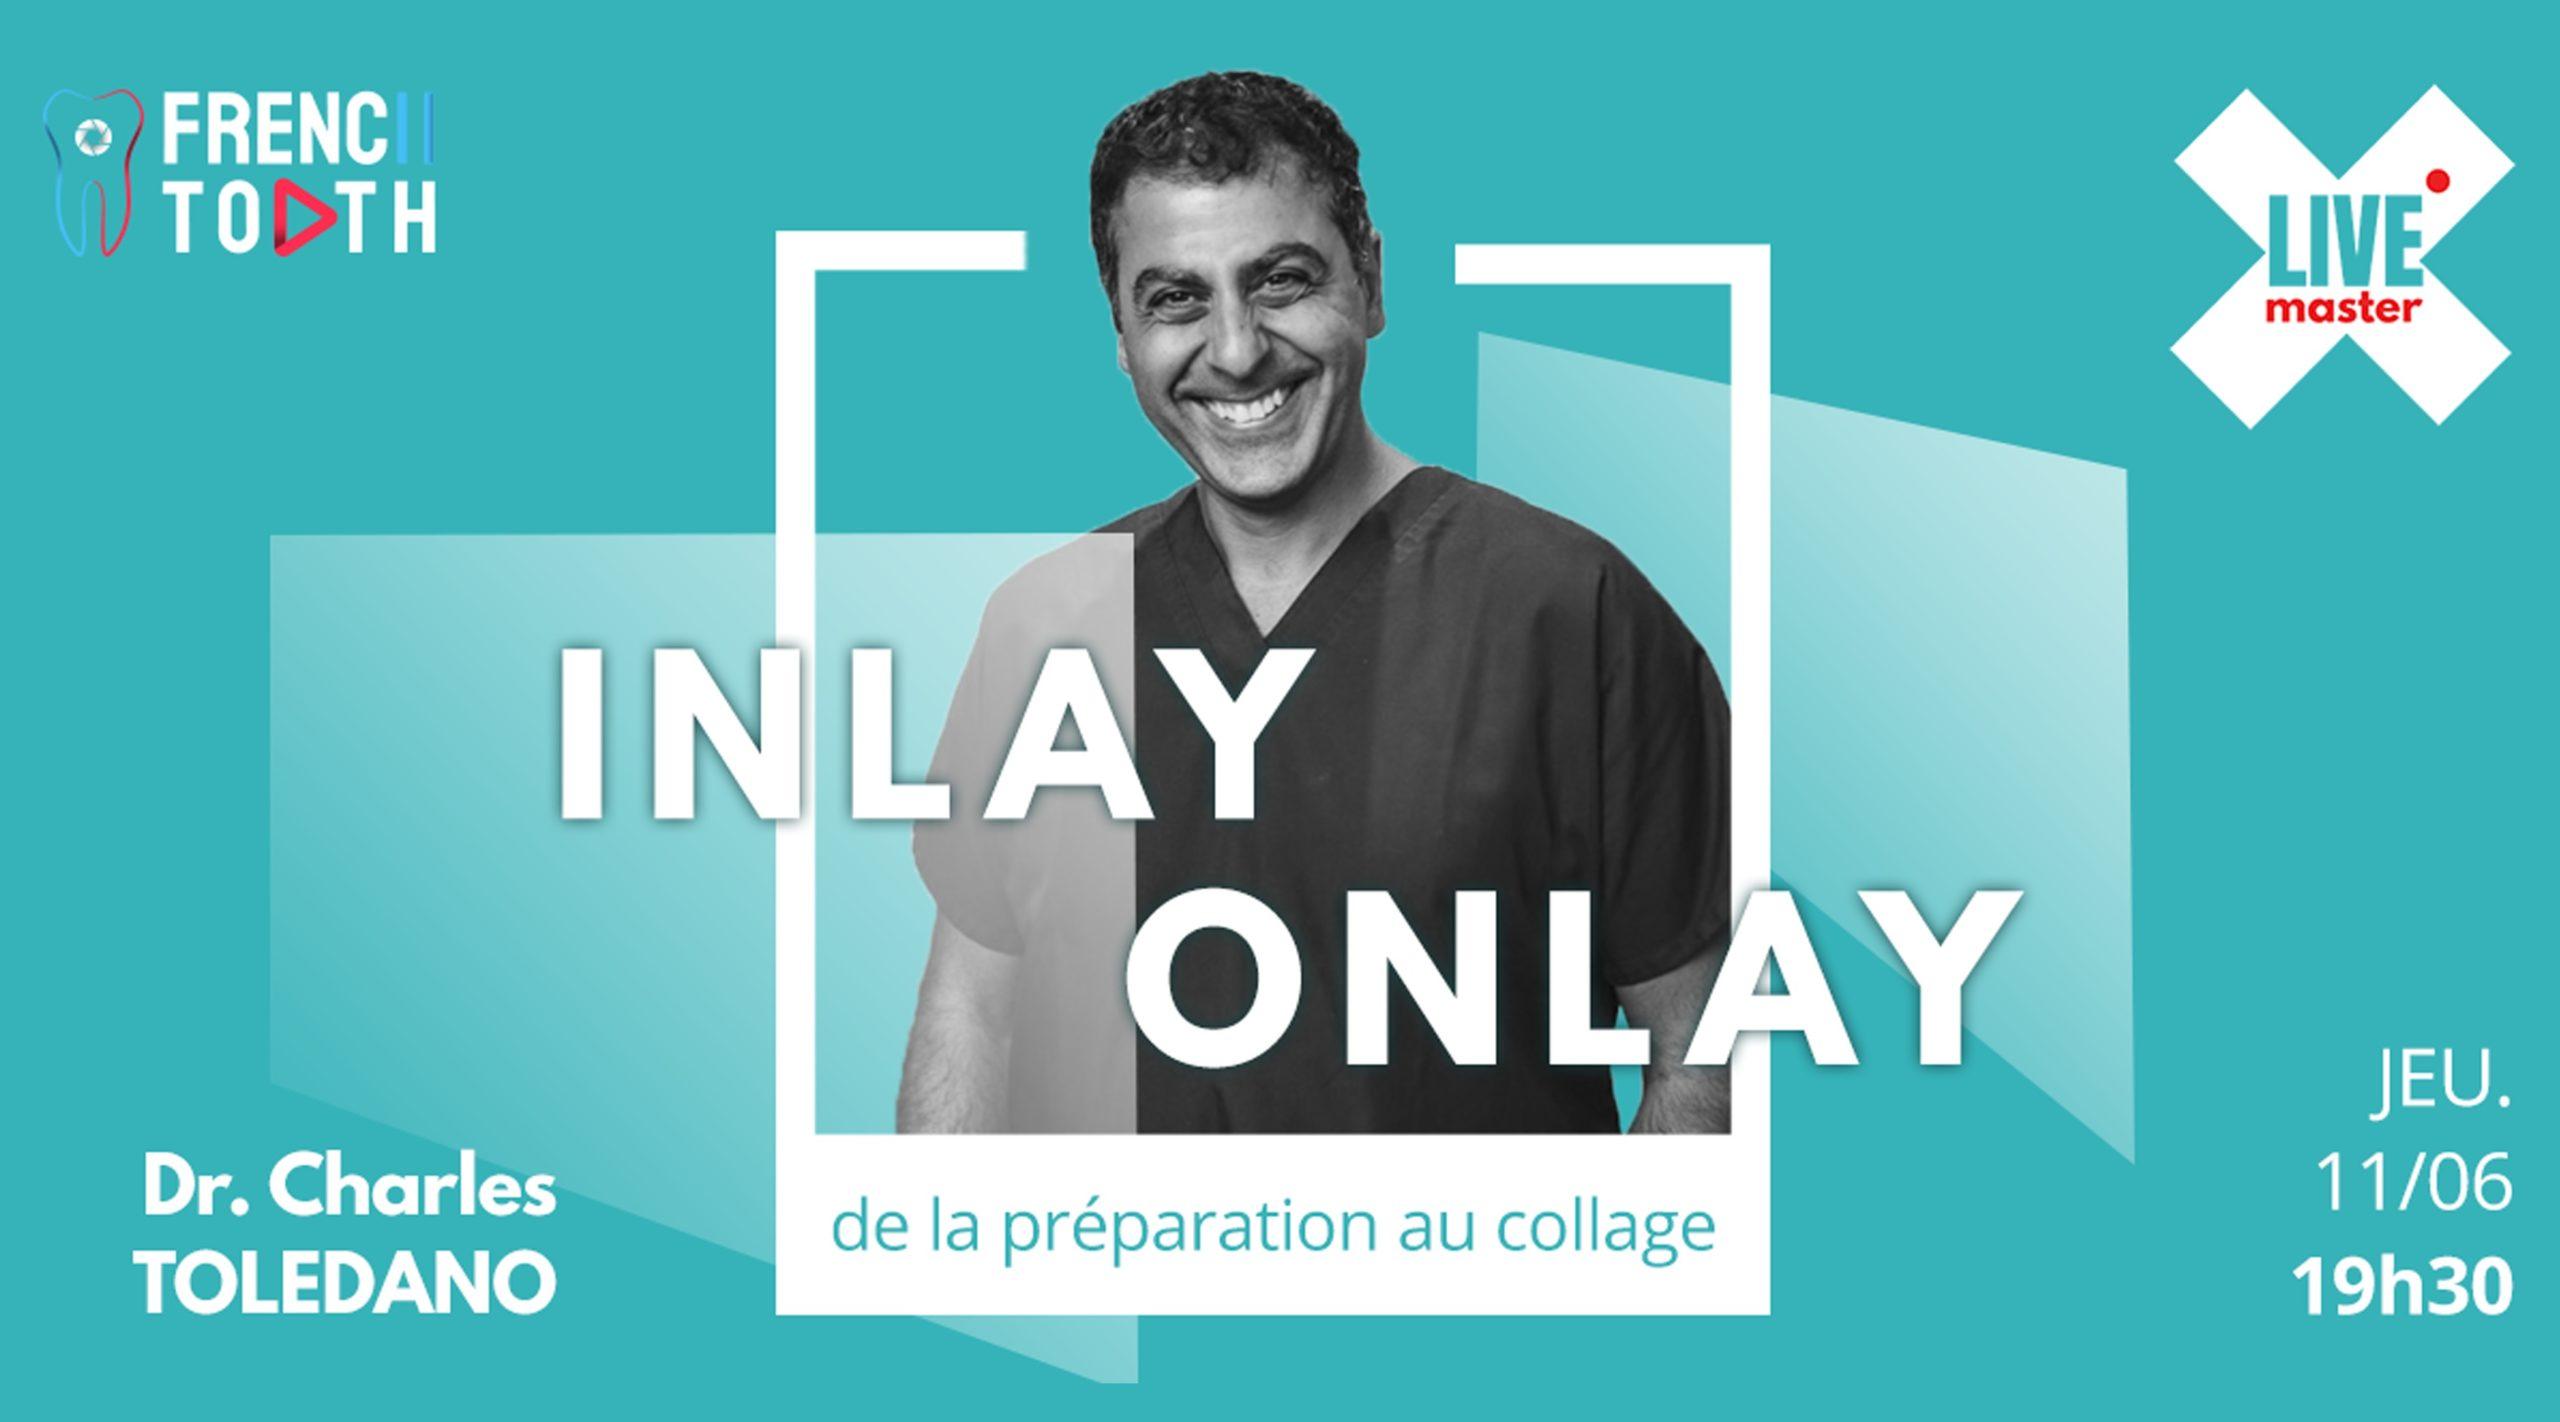 INLAY / ONLAY de la préparation au collage